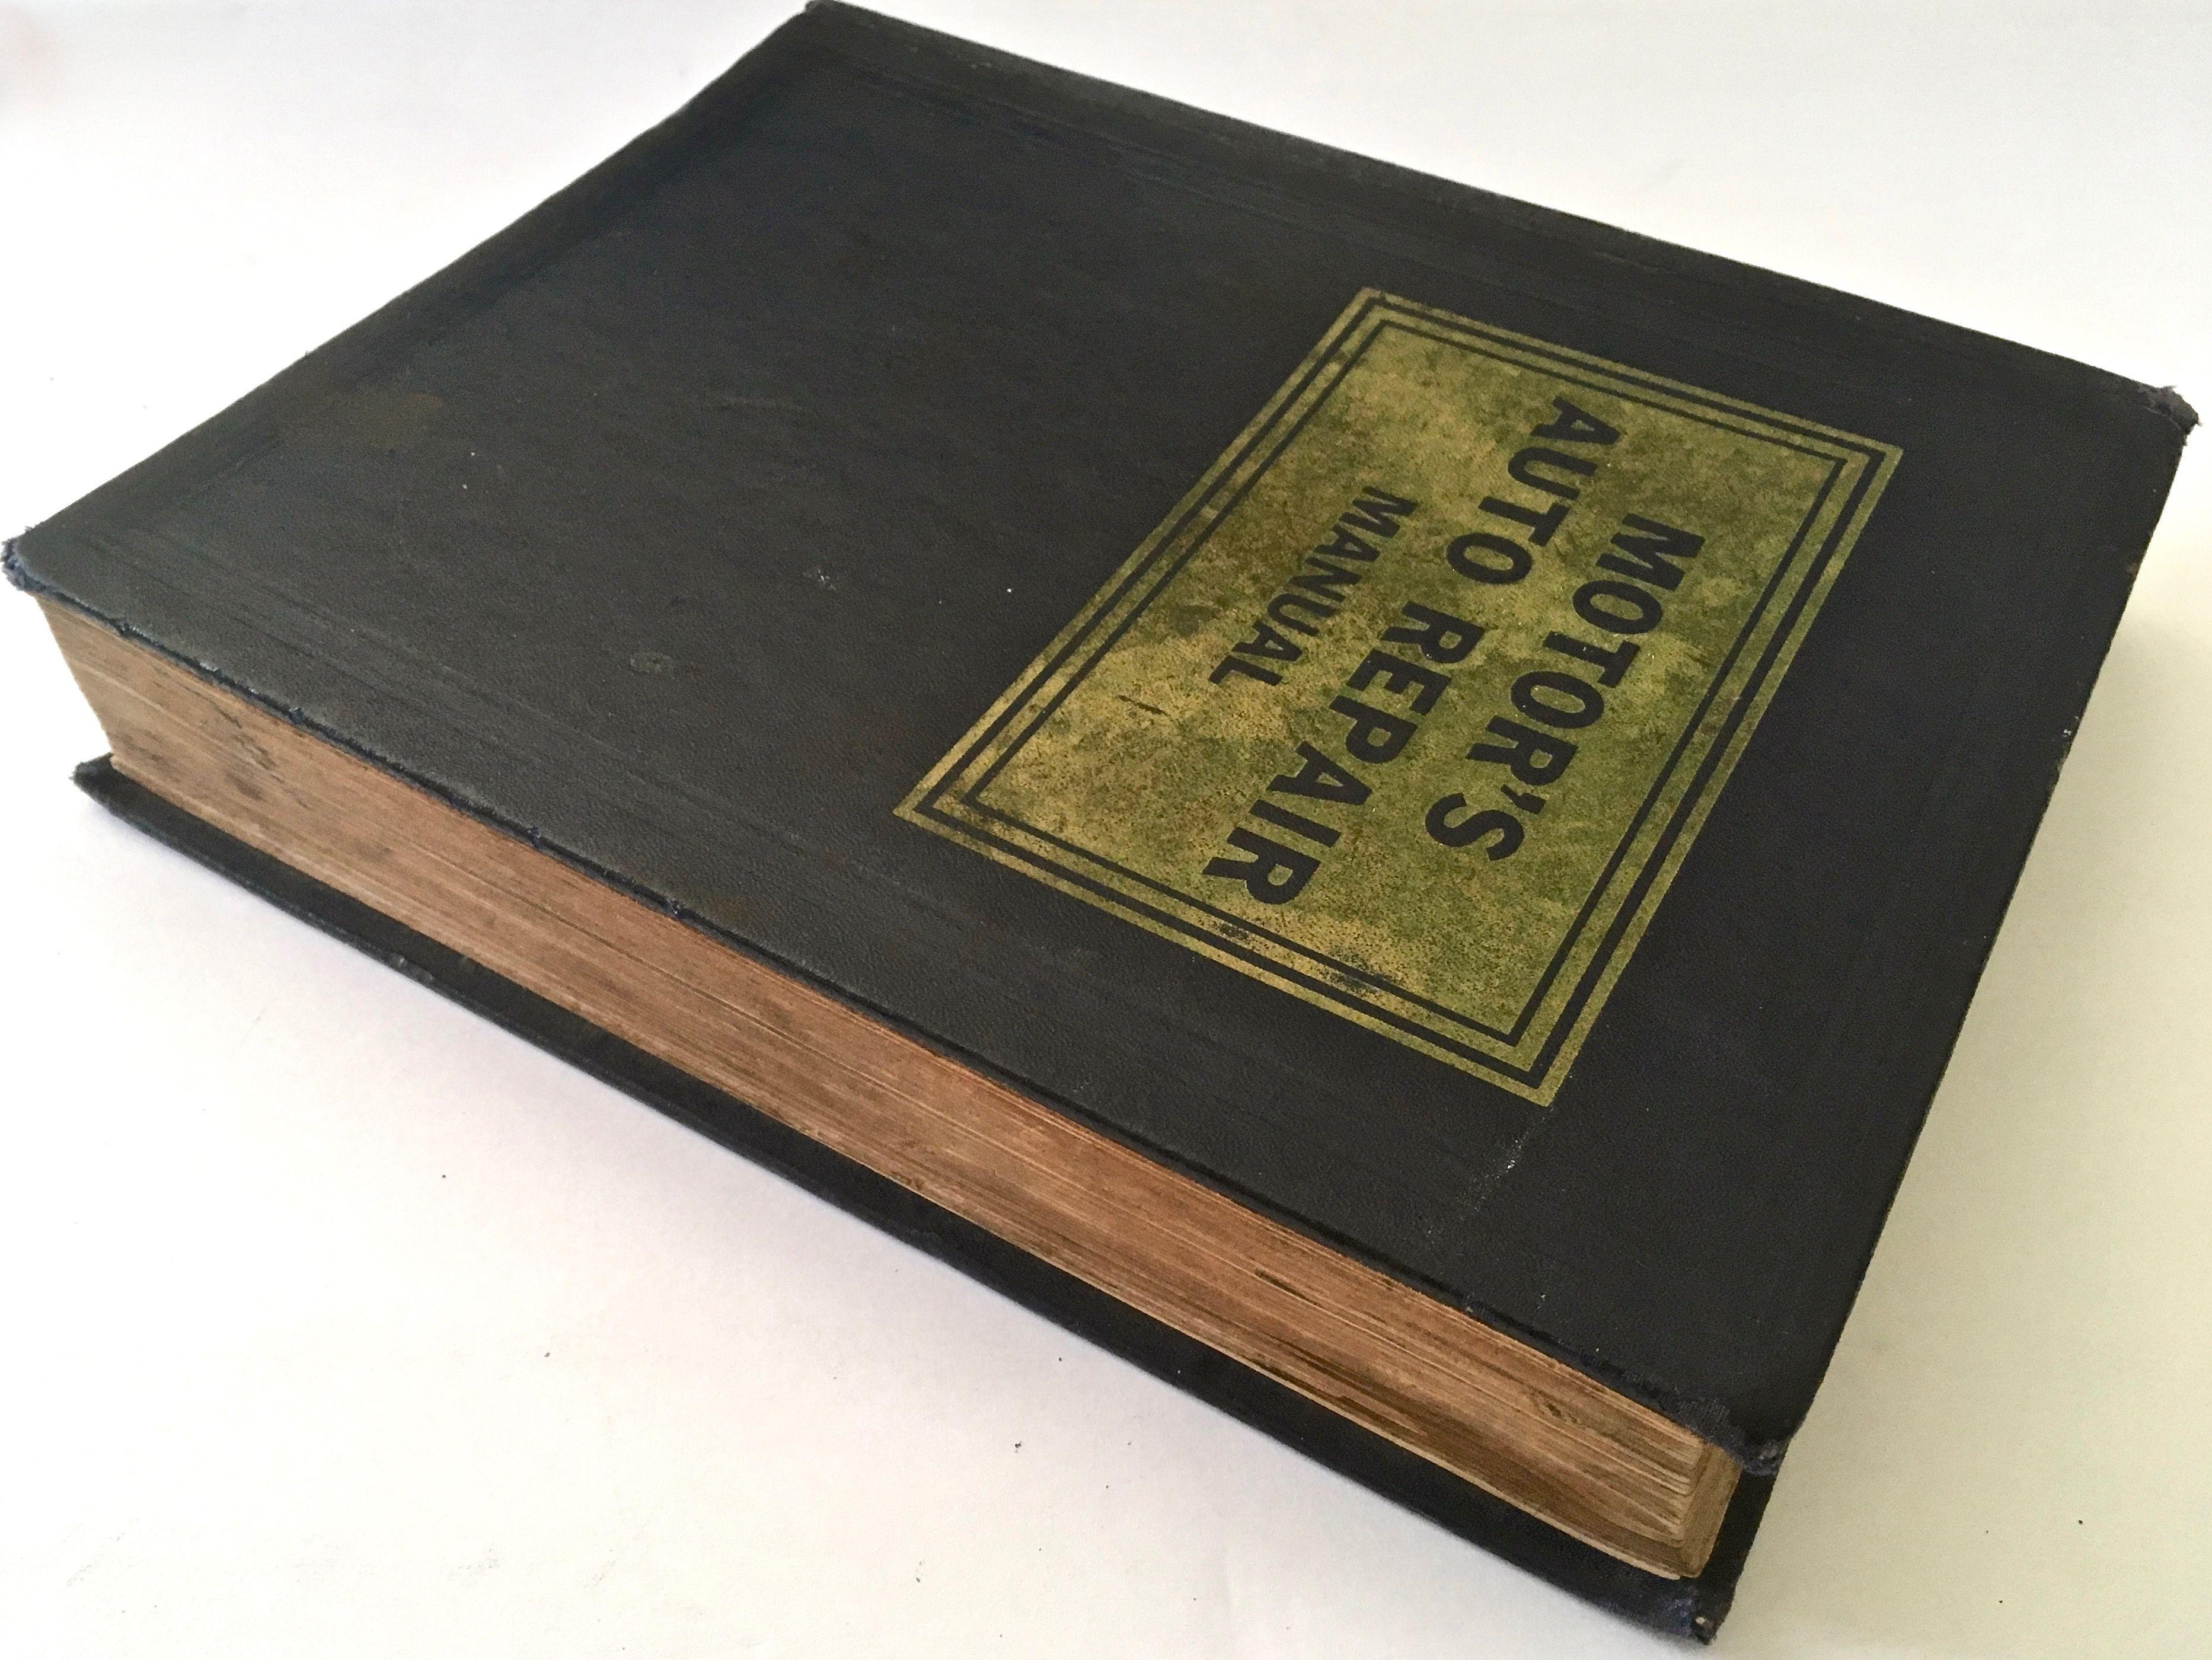 Motors Auto Repair Manual 22nd Ed 1952 59 3rd Printing Auto Repair Manual Repair Manuals Repair